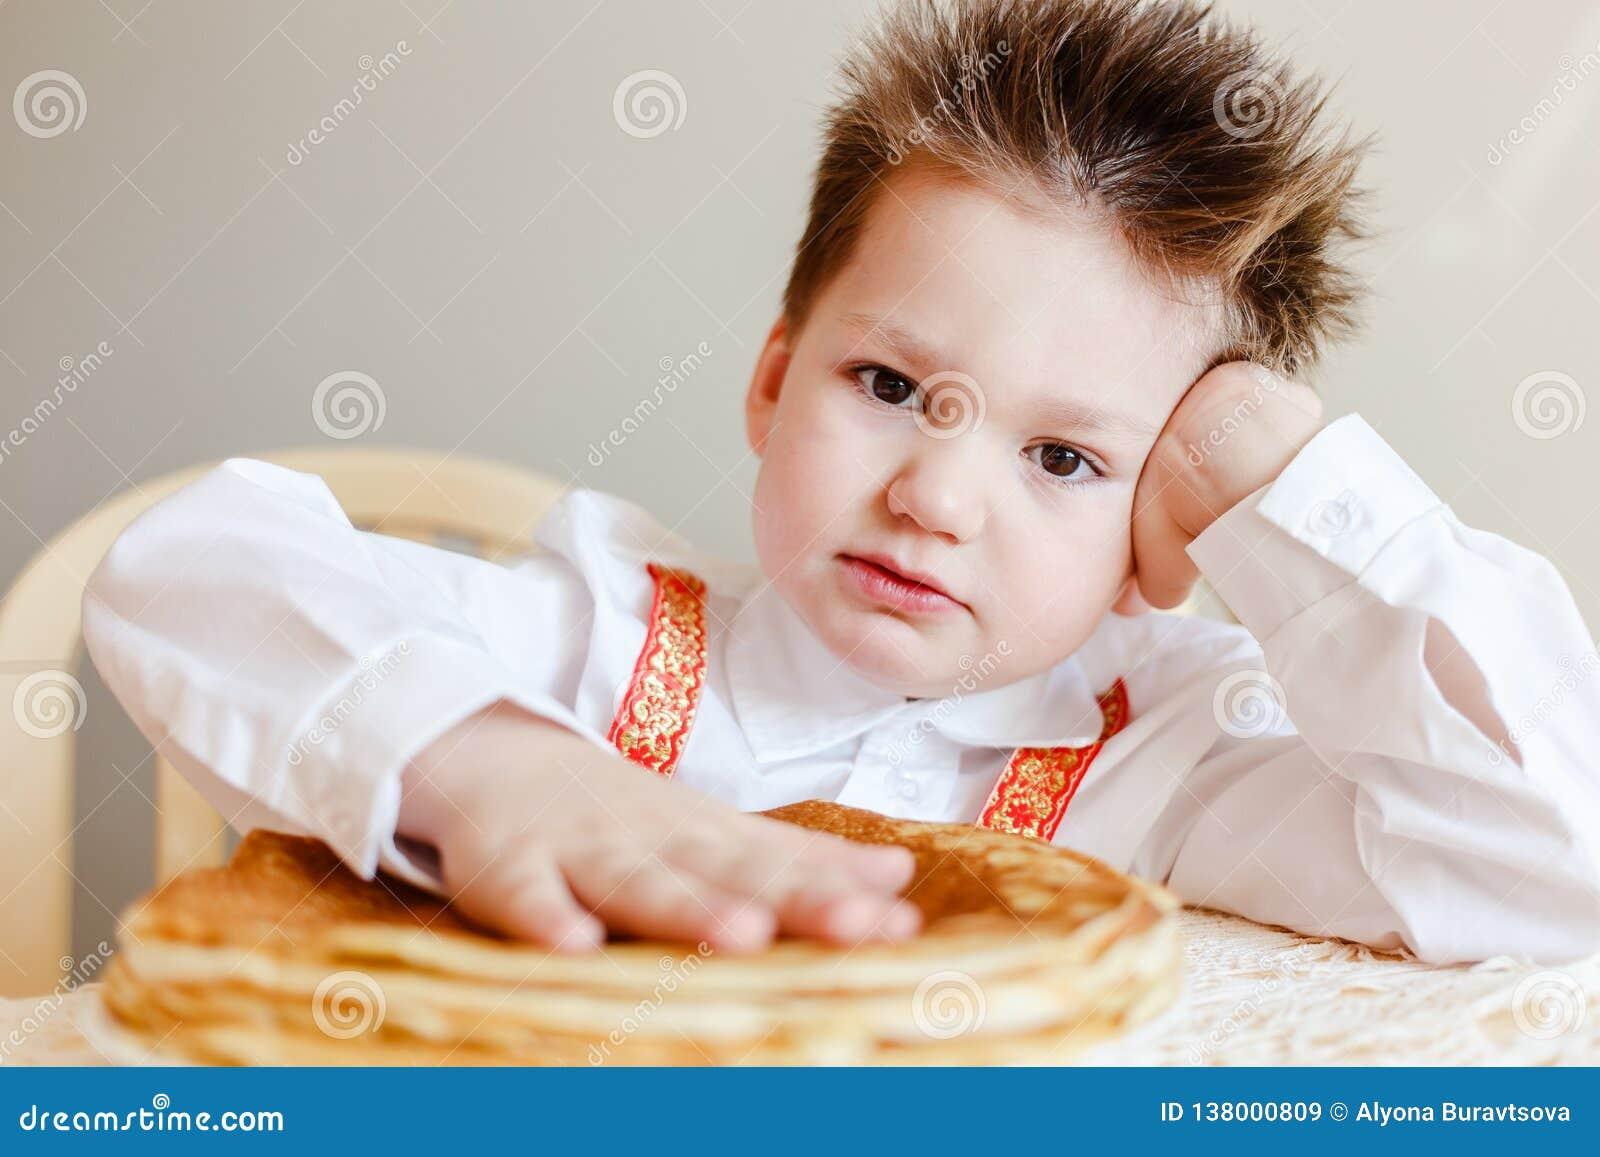 Garçon mignon et un plat des crêpes